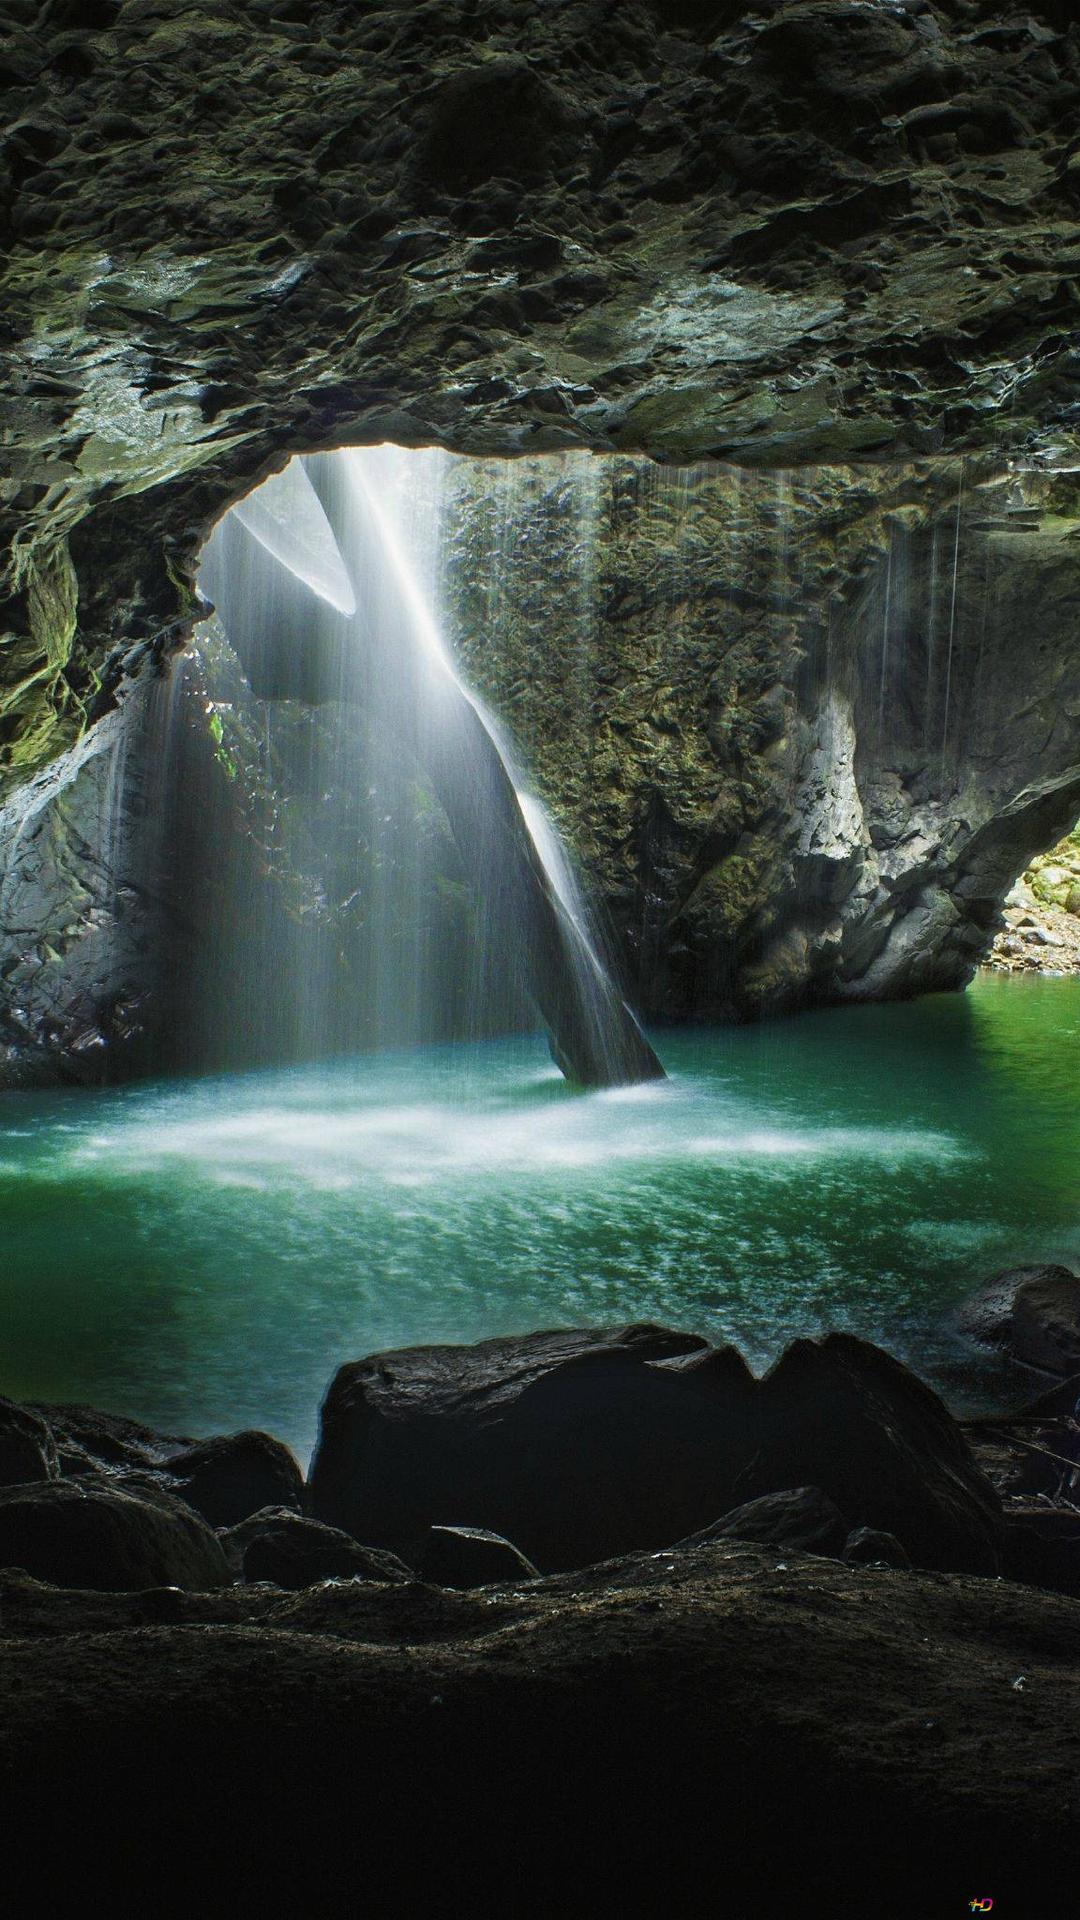 Wasserfall Und Naturliche Brucke In Wald Hd Hintergrundbilder Herunterladen